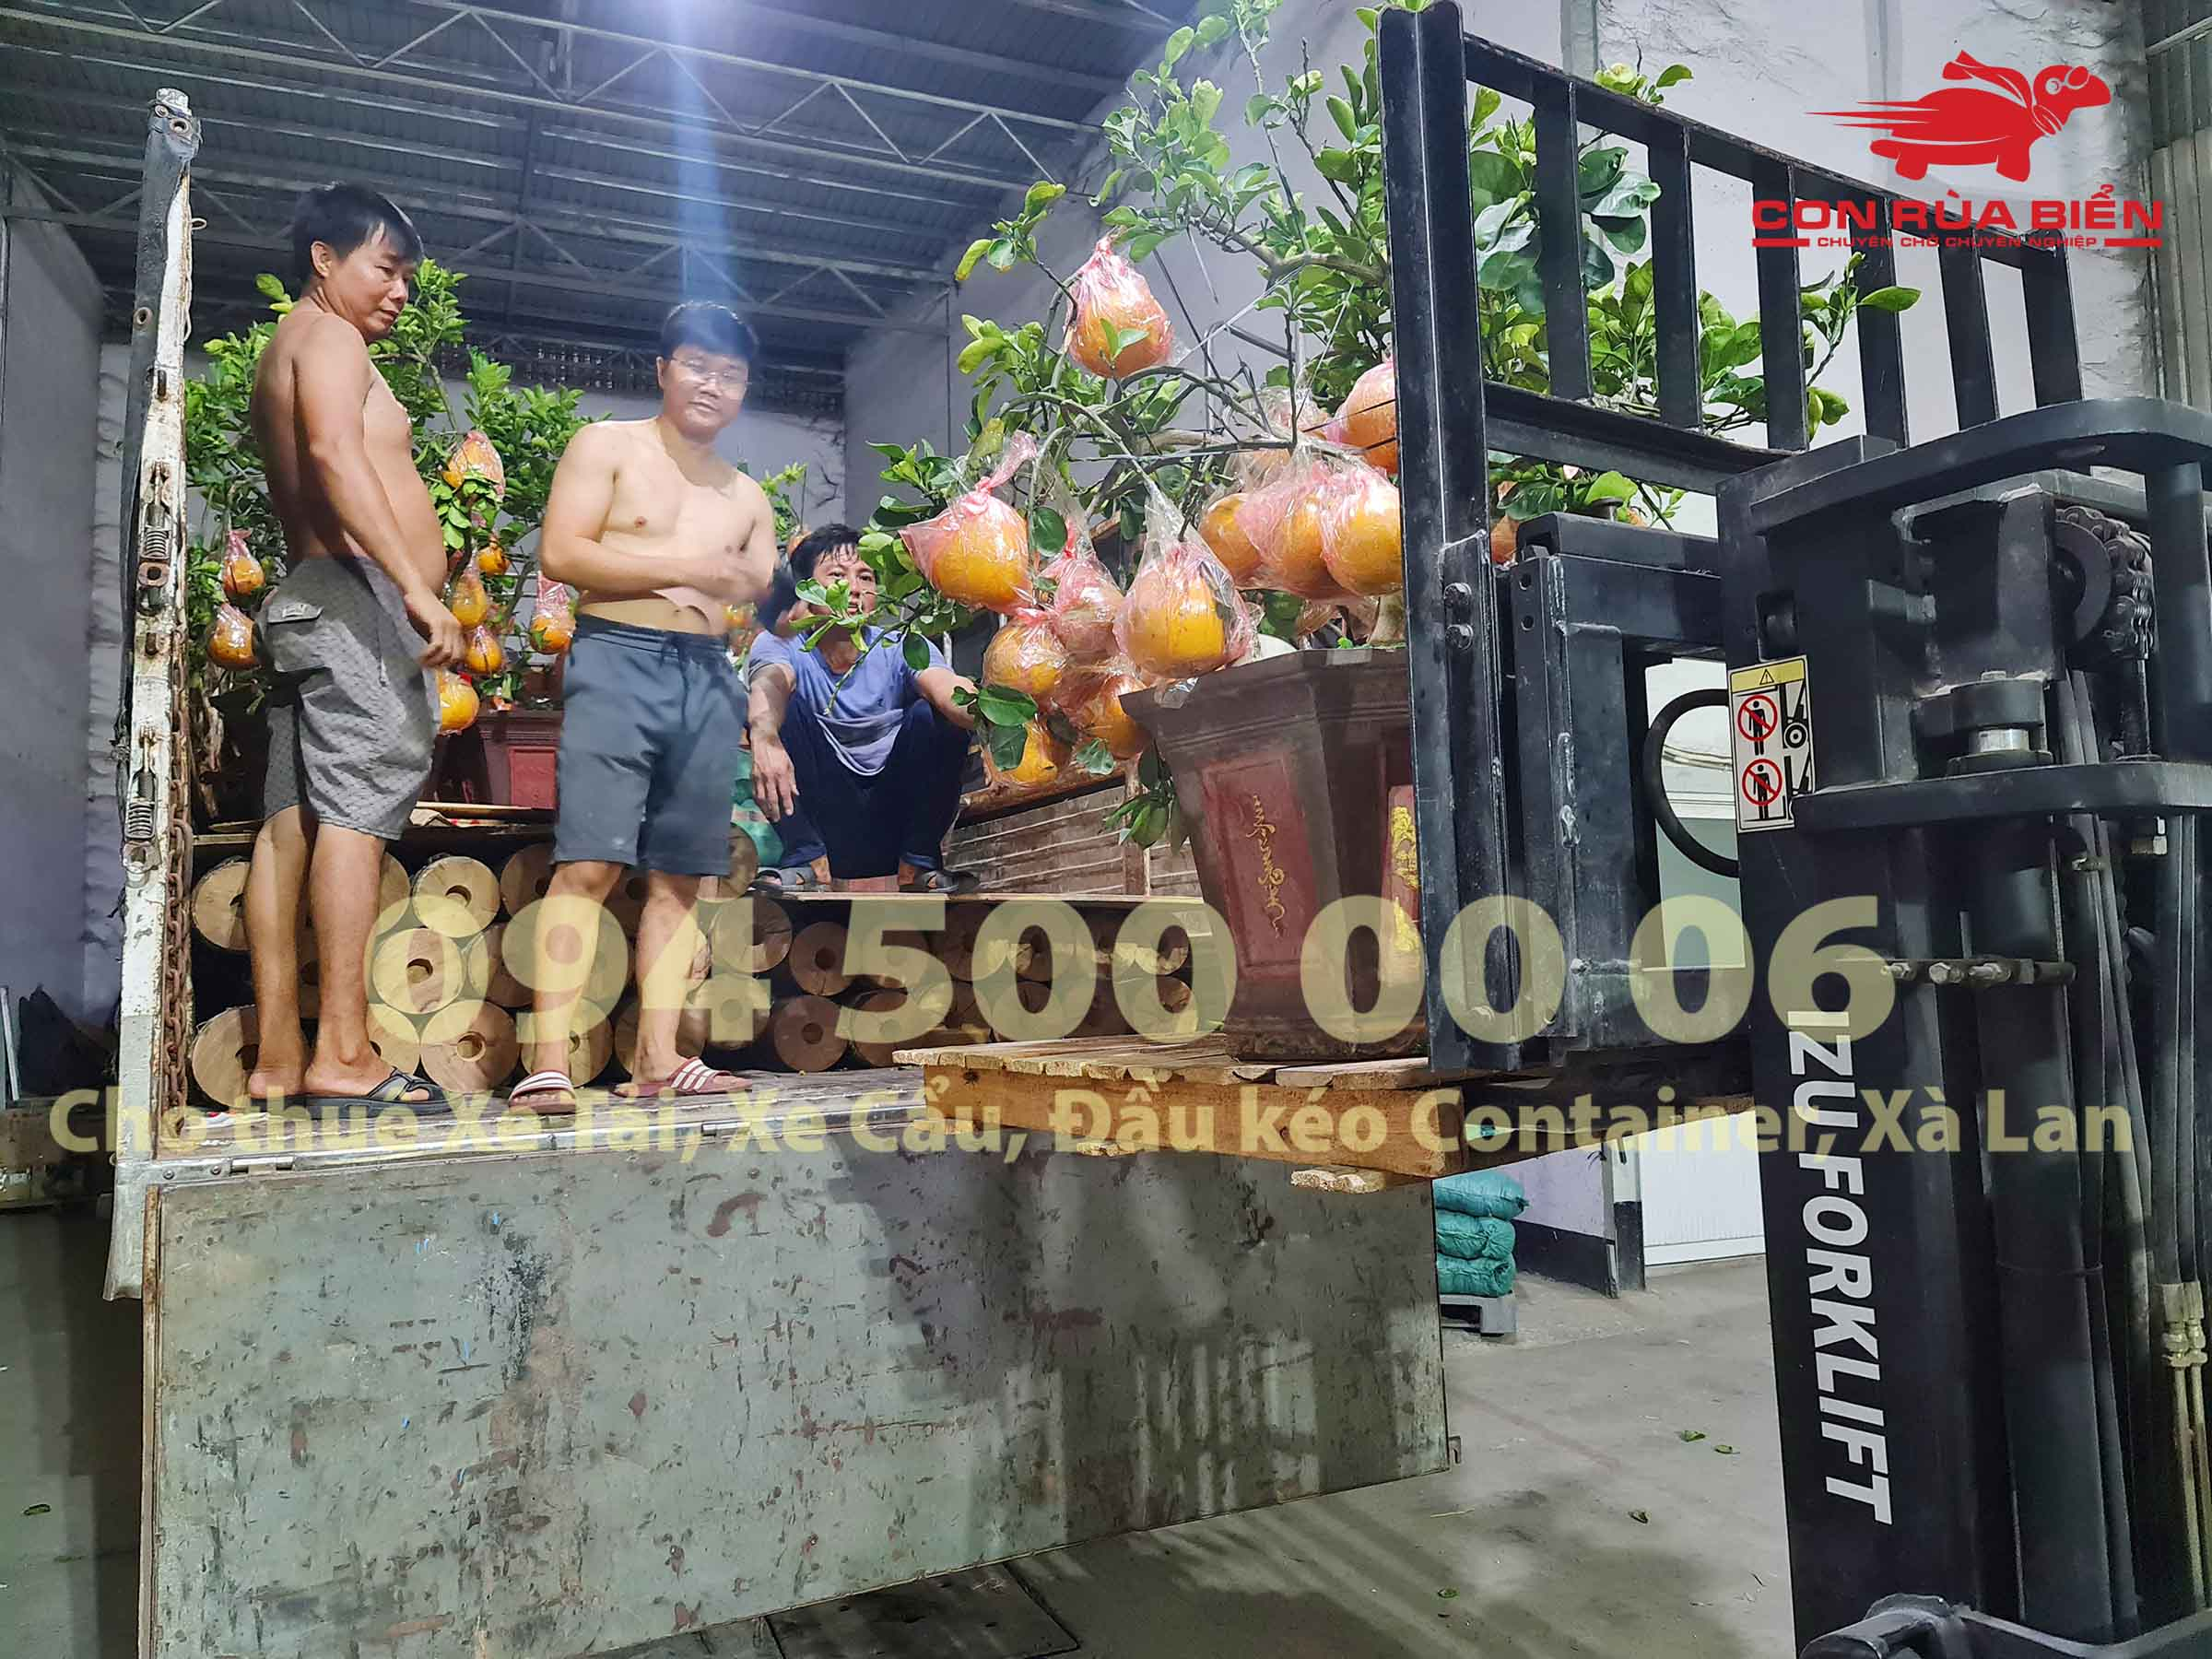 Van chuyen hang thuc pham di Phu Quoc 7